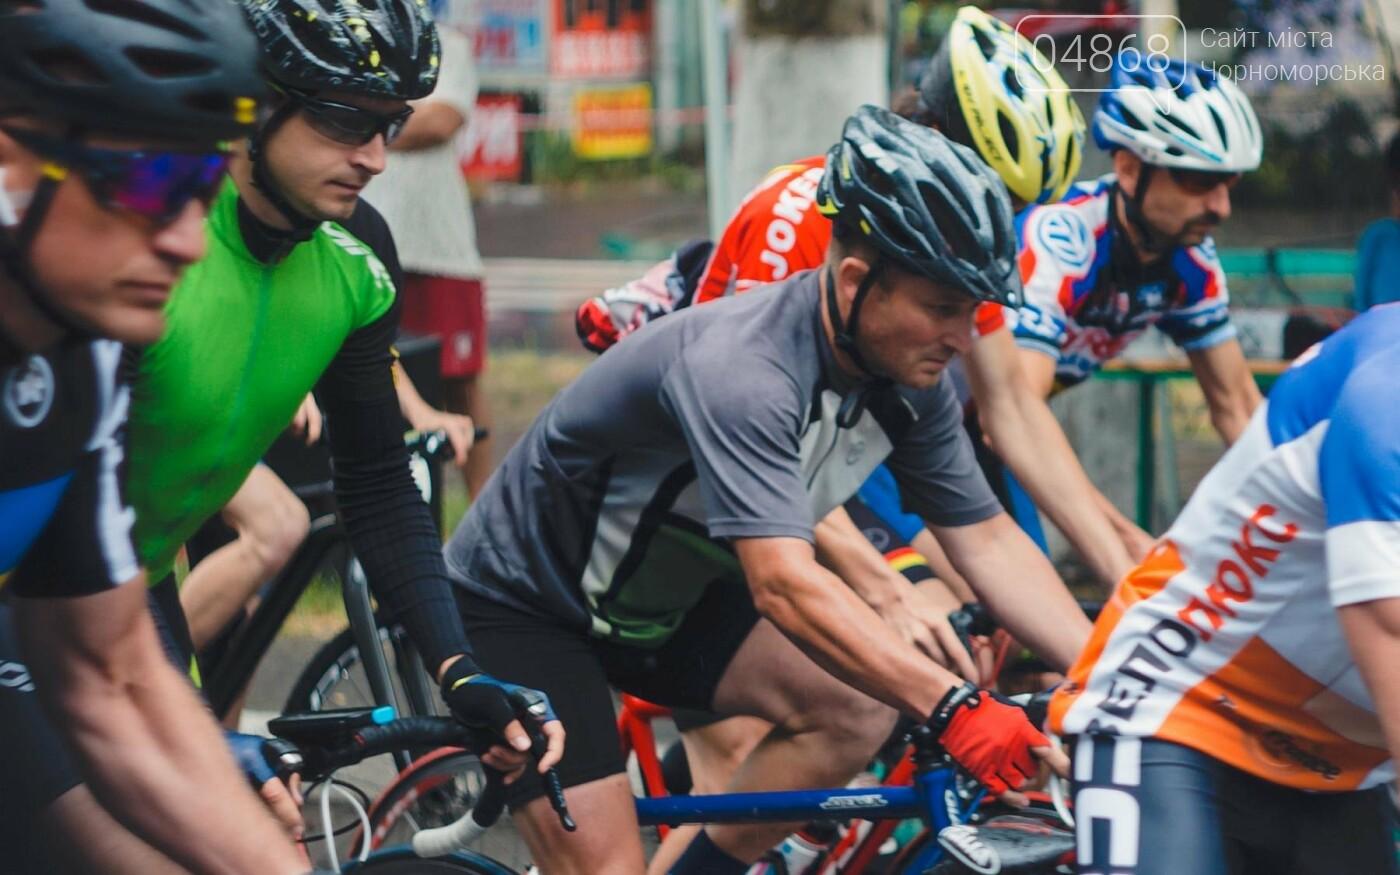 Спортсмены из Черноморска примут участие в Международном велоралли , фото-5